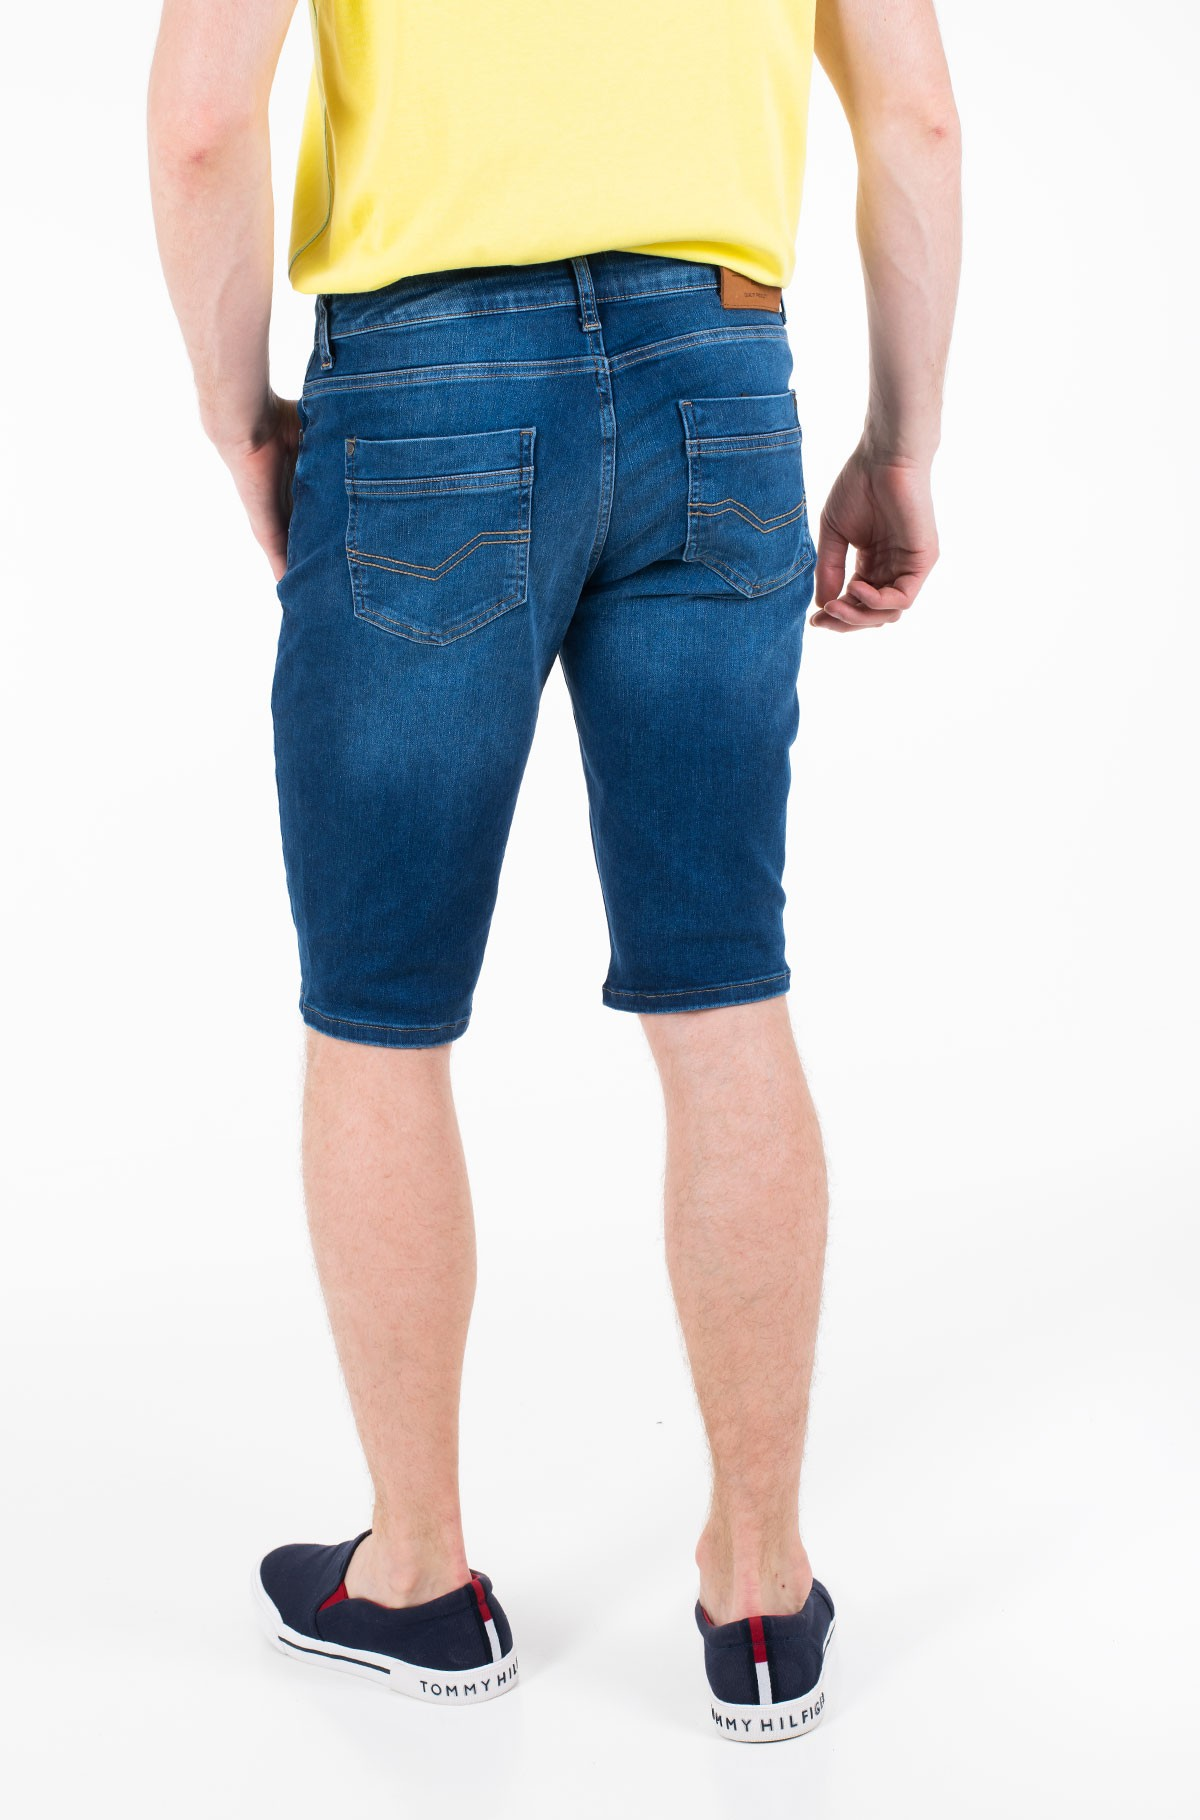 Šortai Jaanus03 shorts-full-2